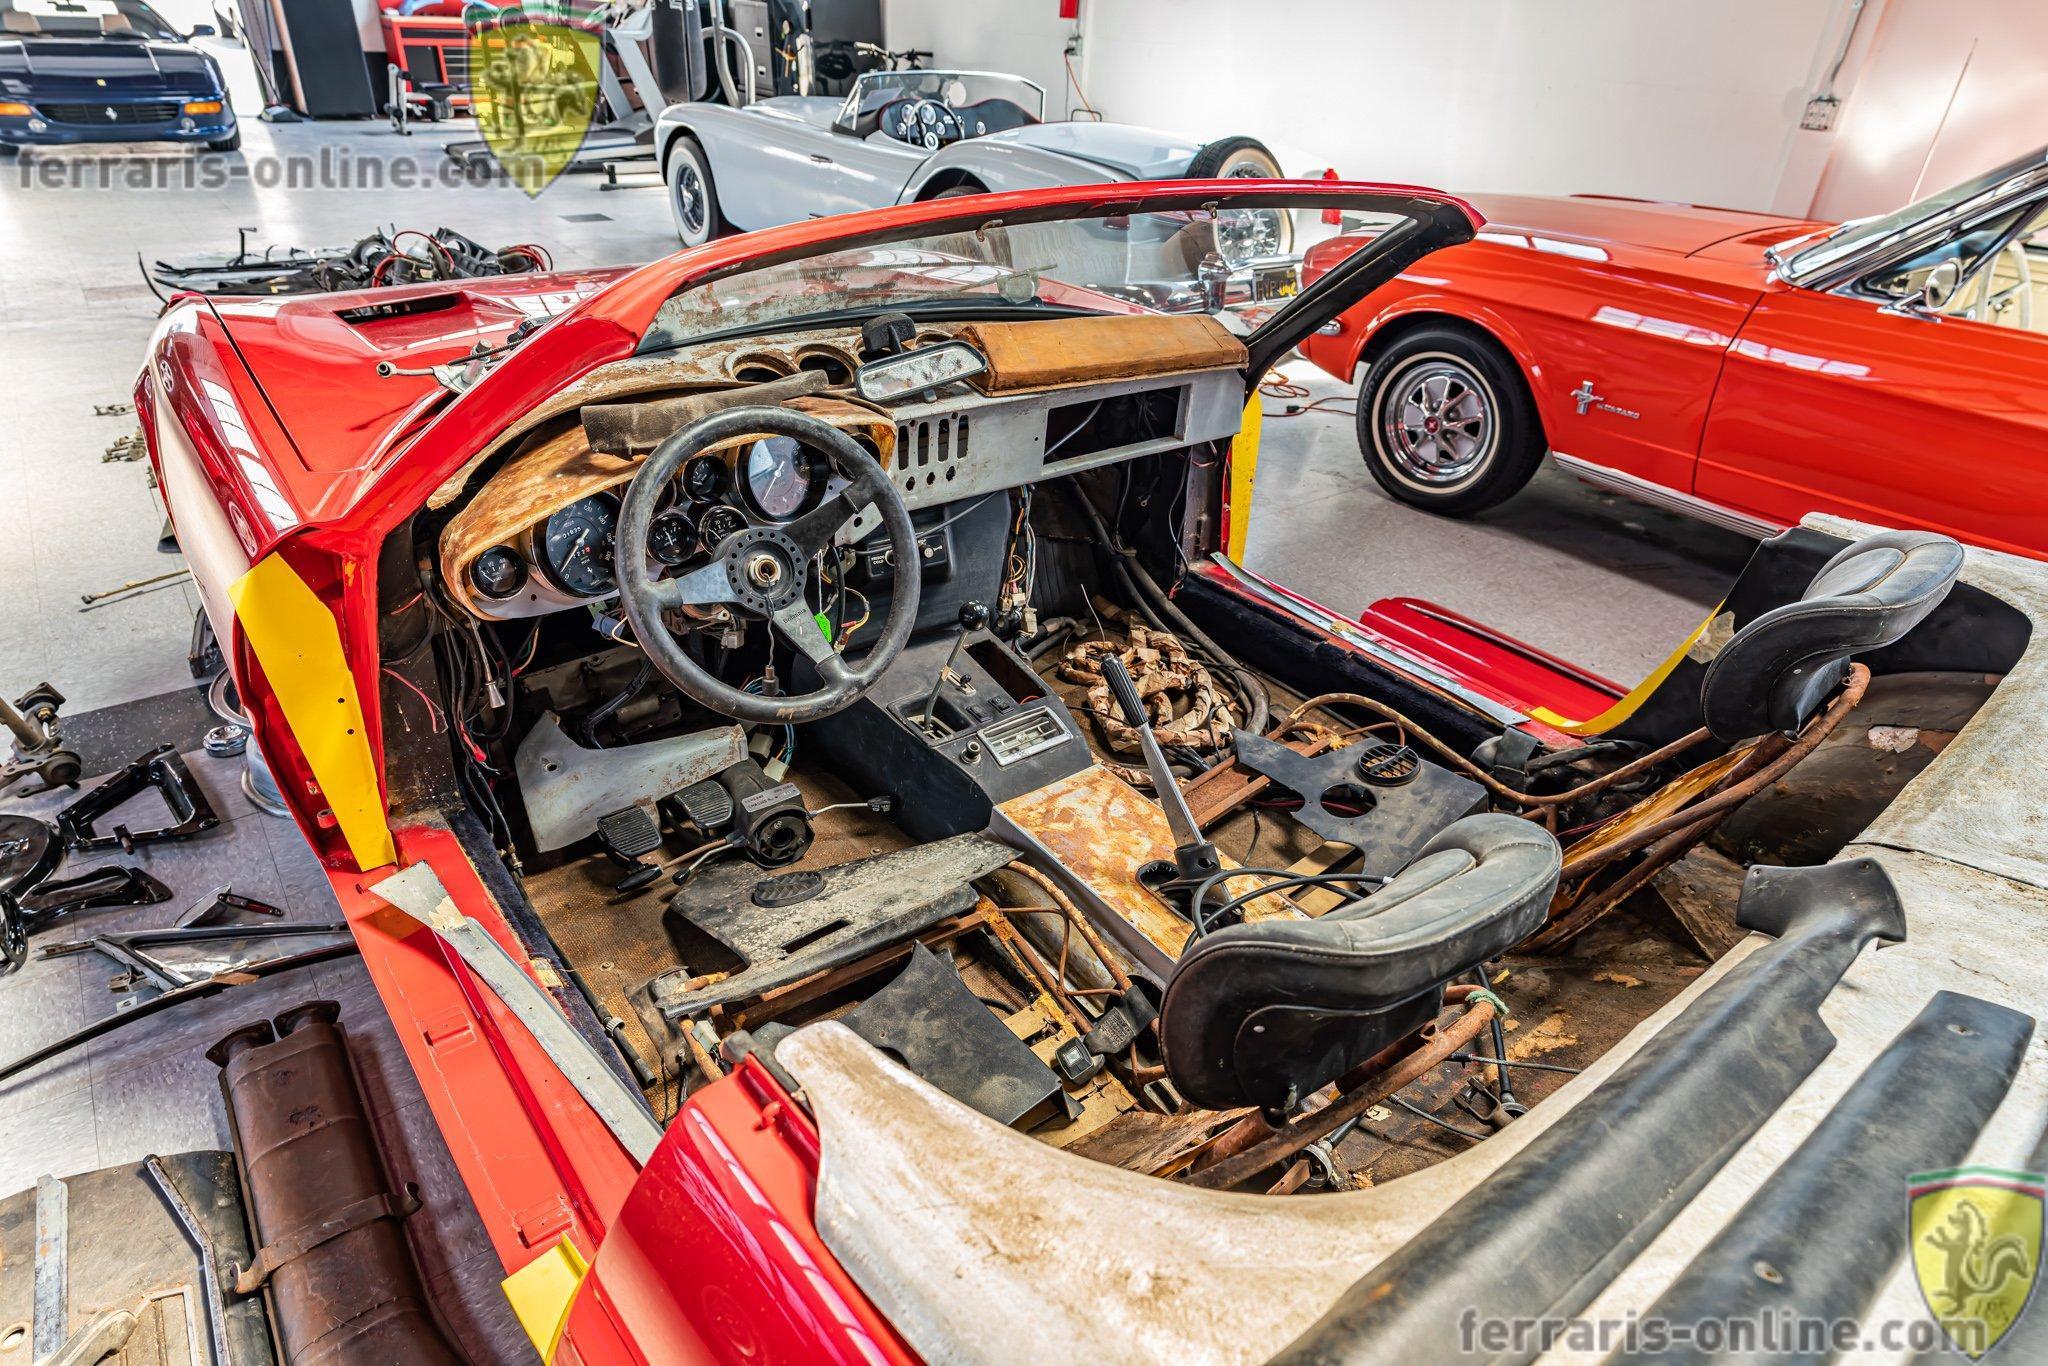 Barn Find 1973 Ferrari 365 GTS/4 (Daytona Spyder) #17041